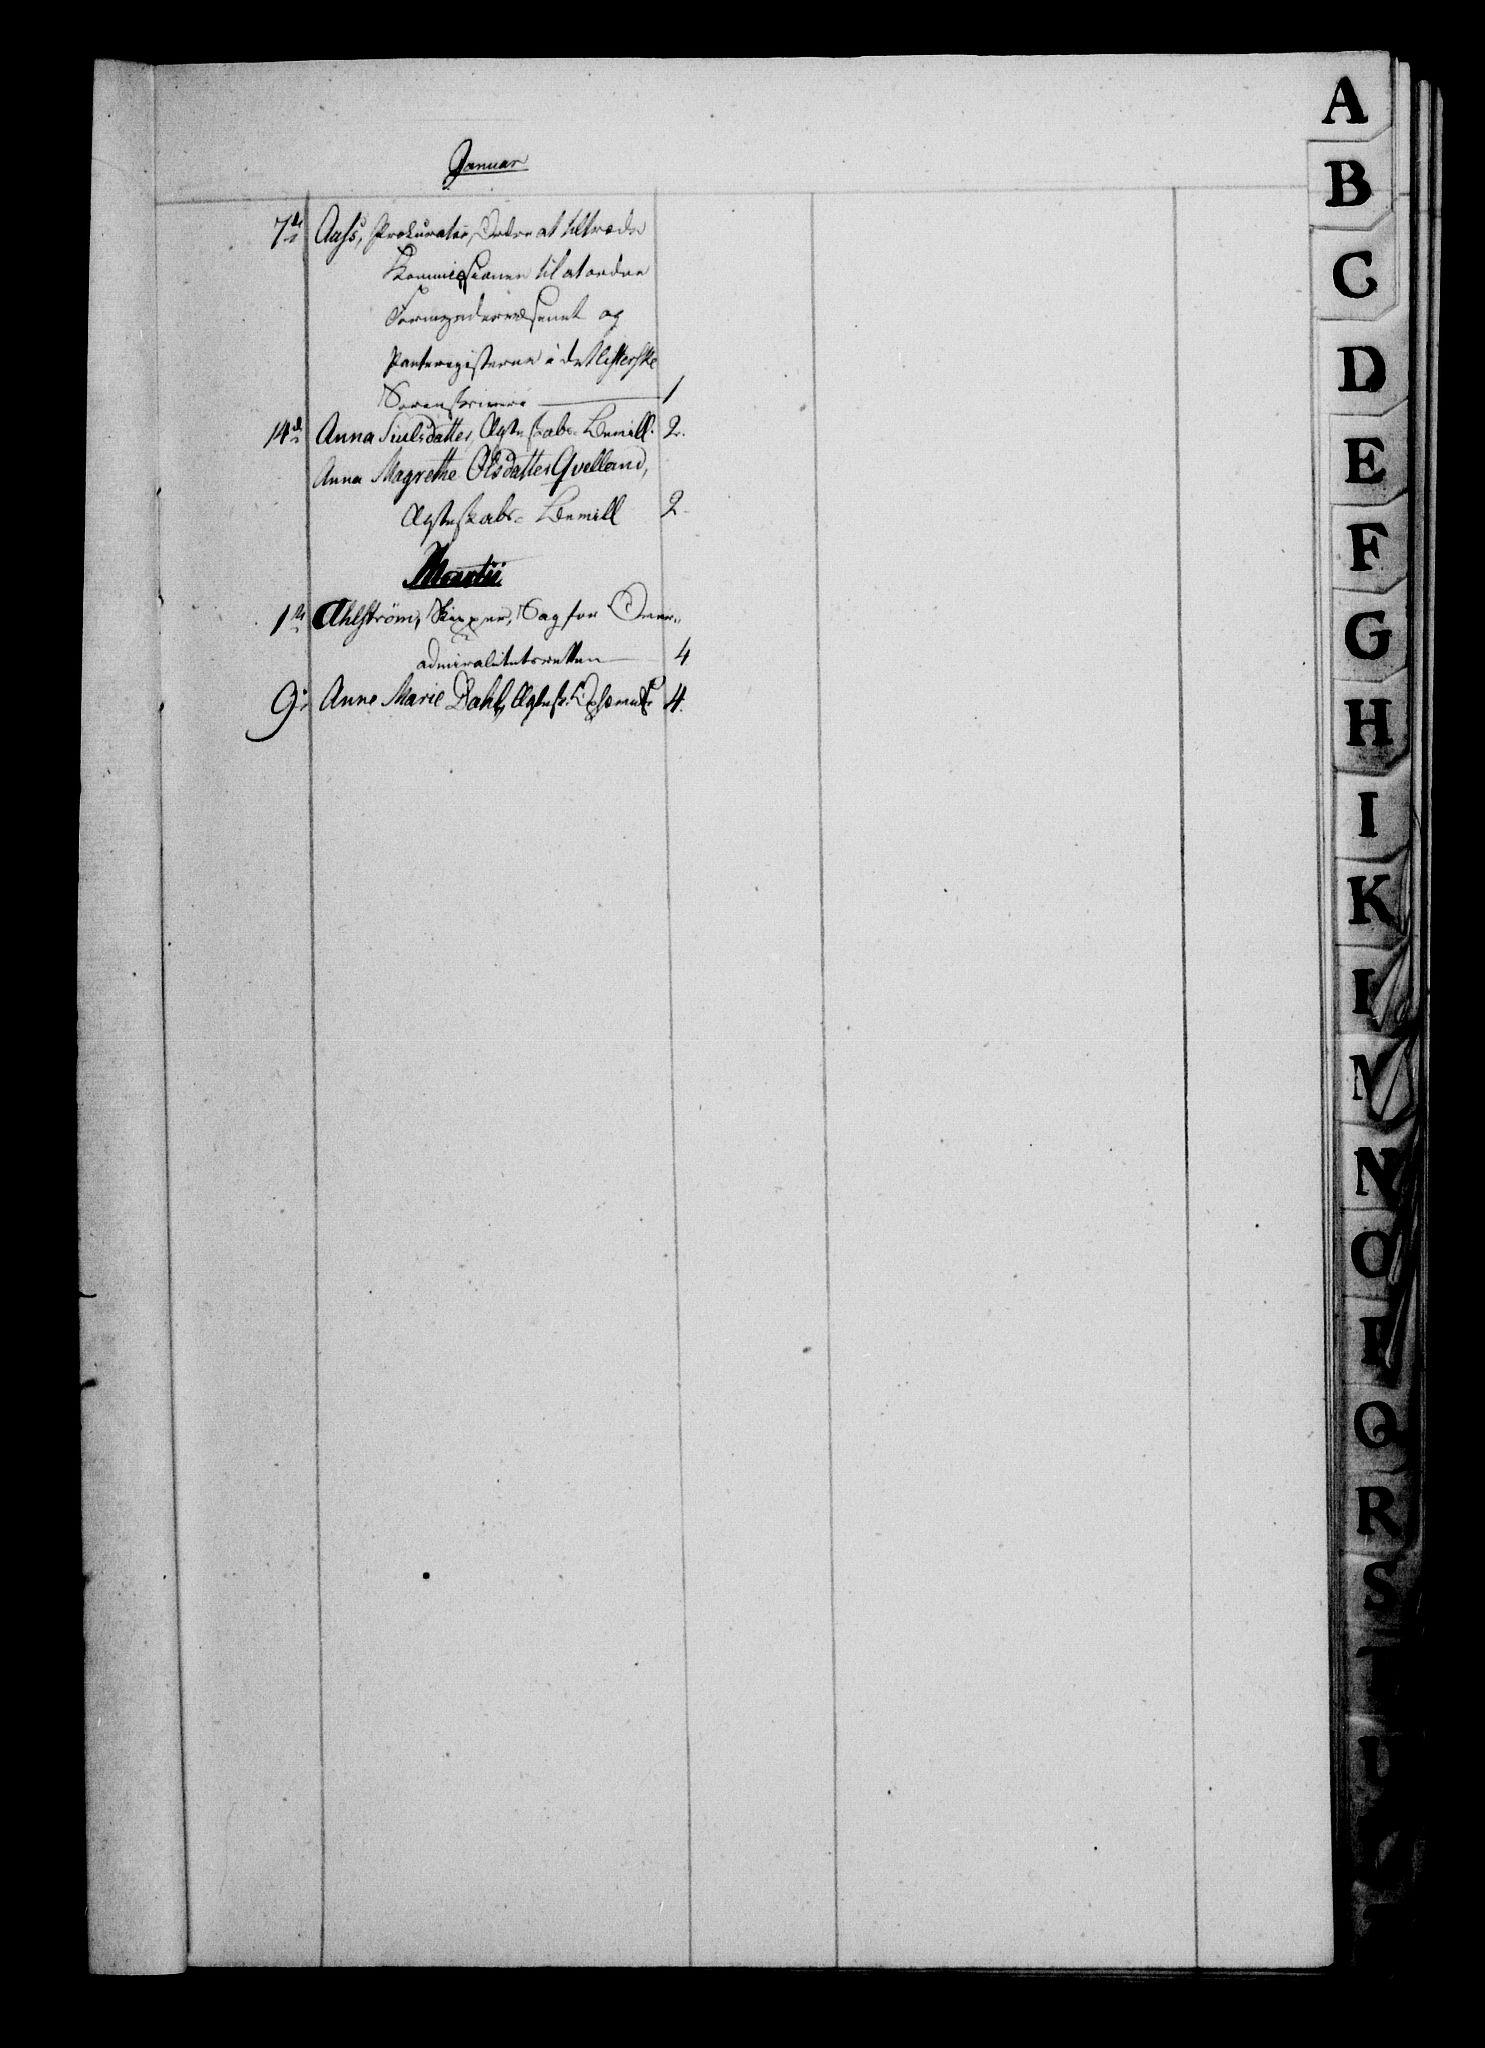 RA, Danske Kanselli 1800-1814, H/Hf/Hfb/Hfbc/L0015: Underskrivelsesbok m. register, 1814, s. 5